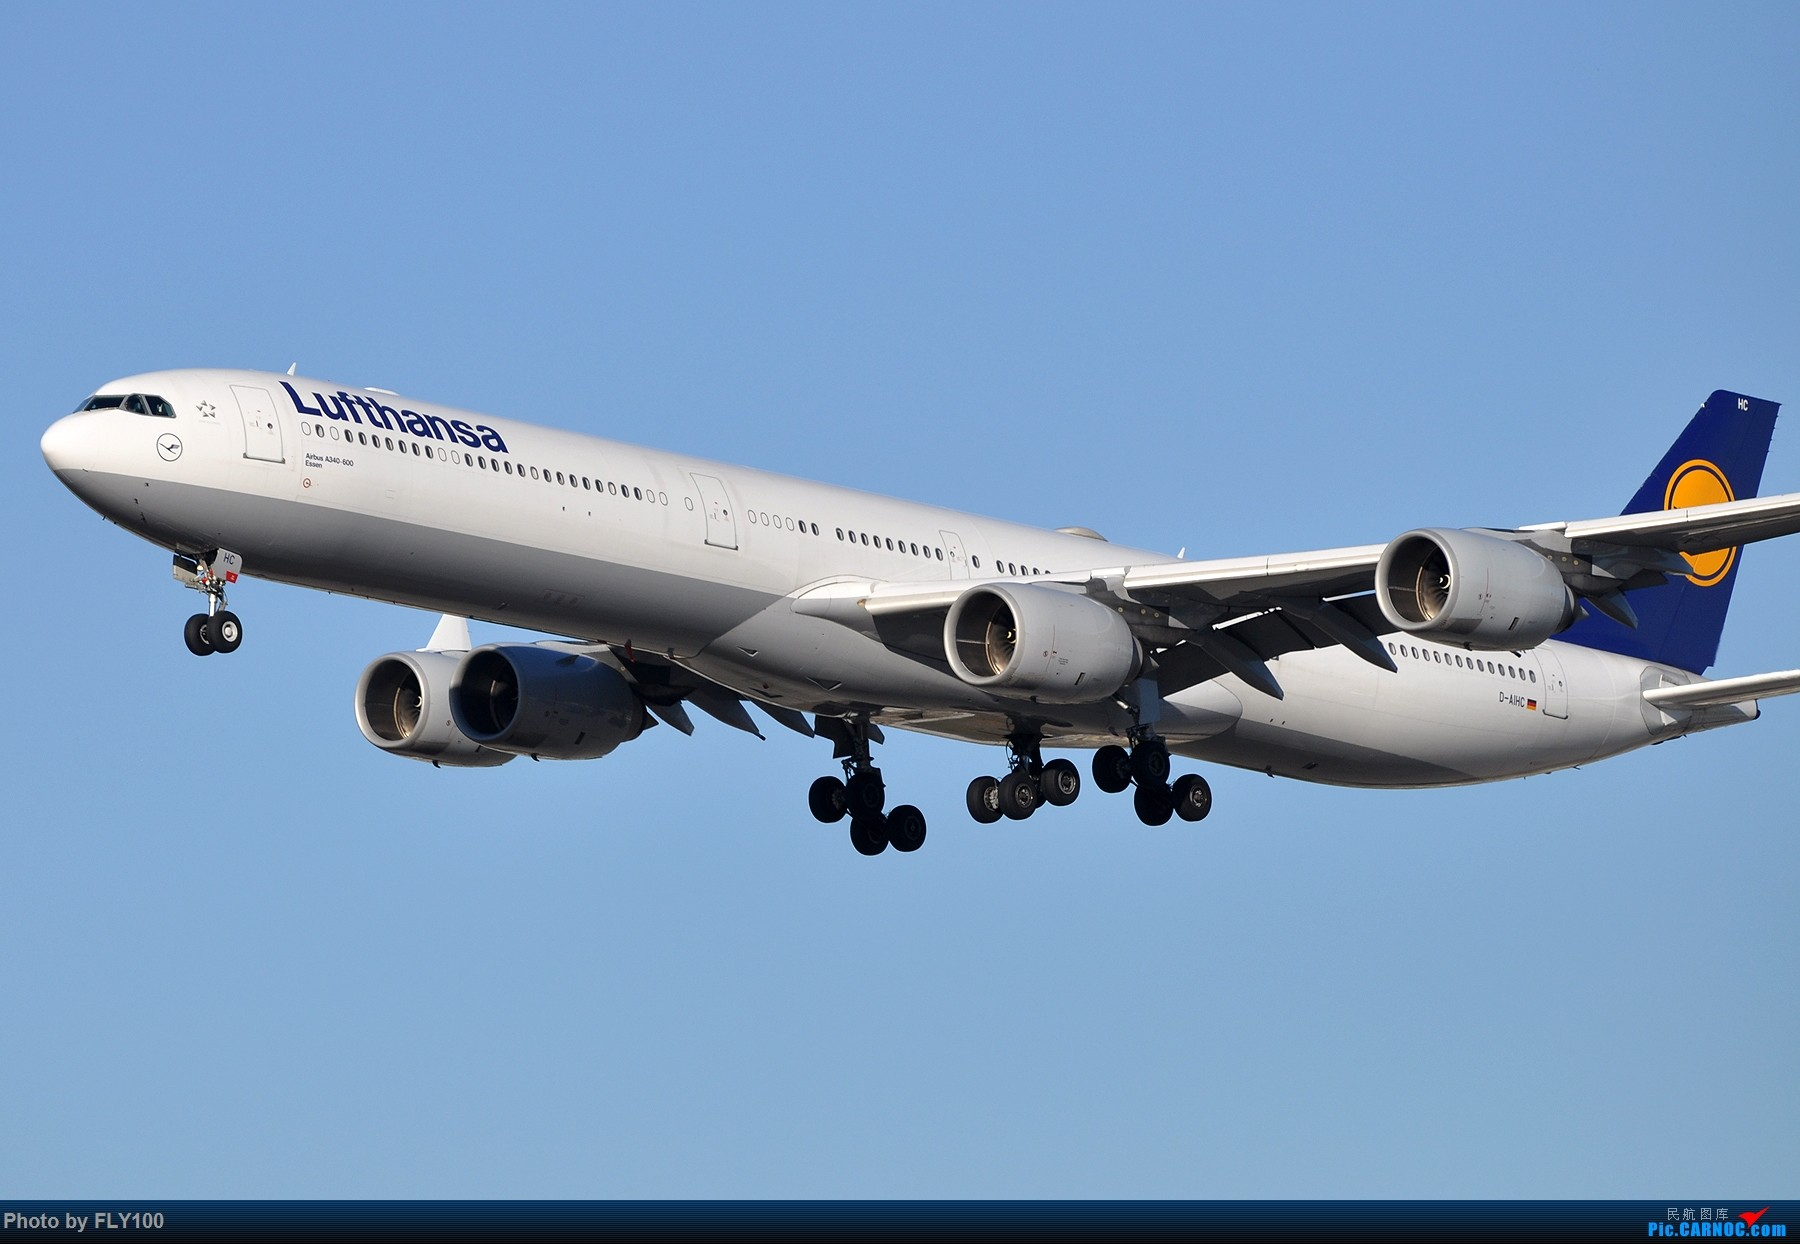 [原创]【LAX】两张AIRBUS A340-600的大图,汉莎航空和维珍大西洋航空 AIRBUS A340-600 D-AIHC 美国洛杉矶机场